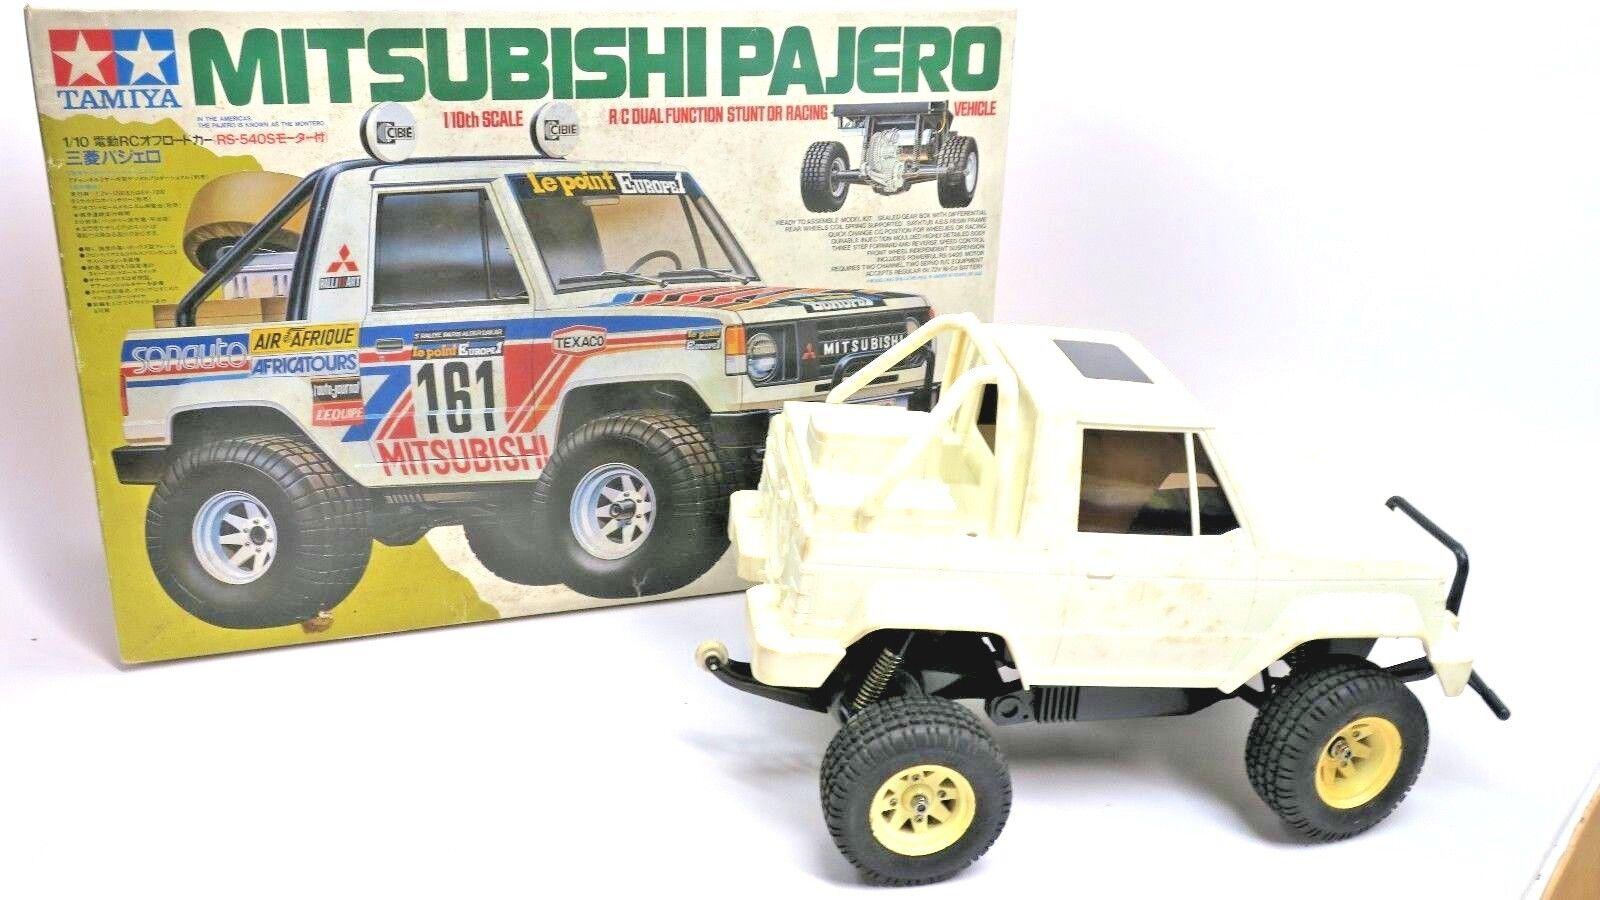 Vintage Tamiya Mitsubishi Pajero R/C R/C R/C NEW BUILD1980's Tmaiya Wild Willy 5844 8f714d